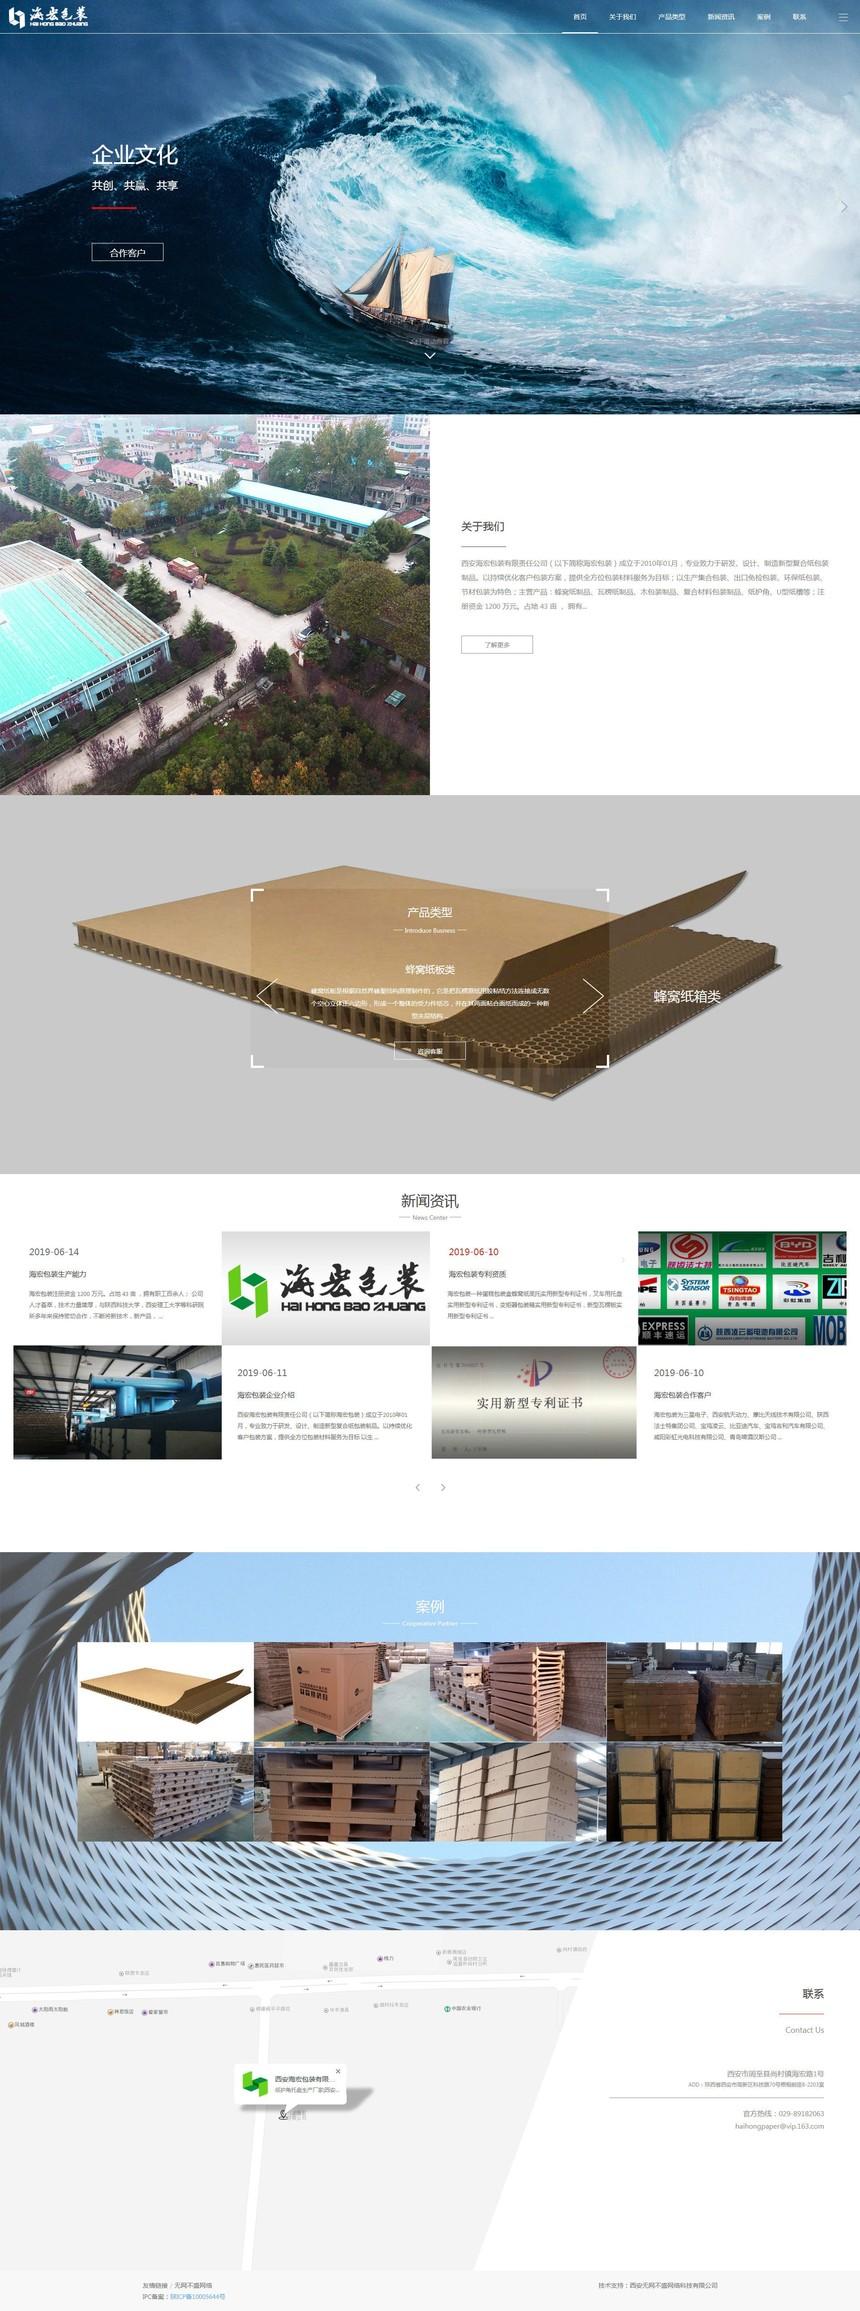 海宏包装网站案例.jpg